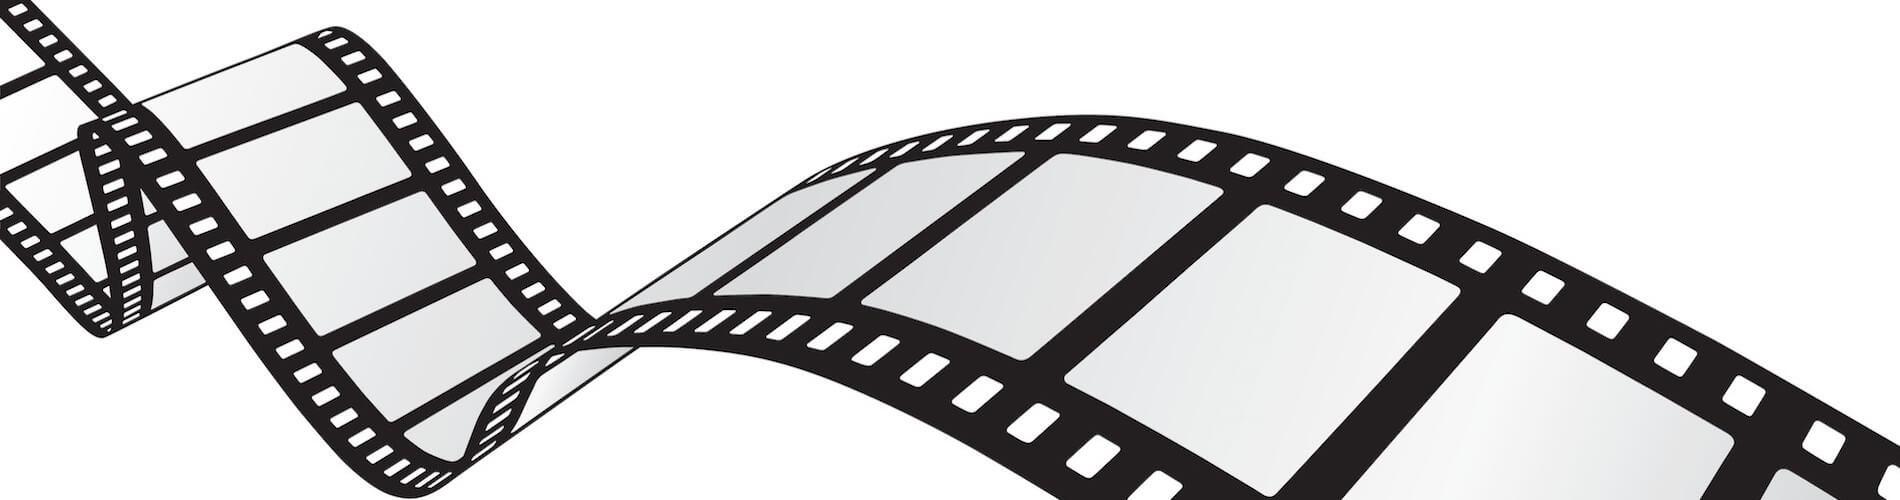 2015年观影列表 feature image